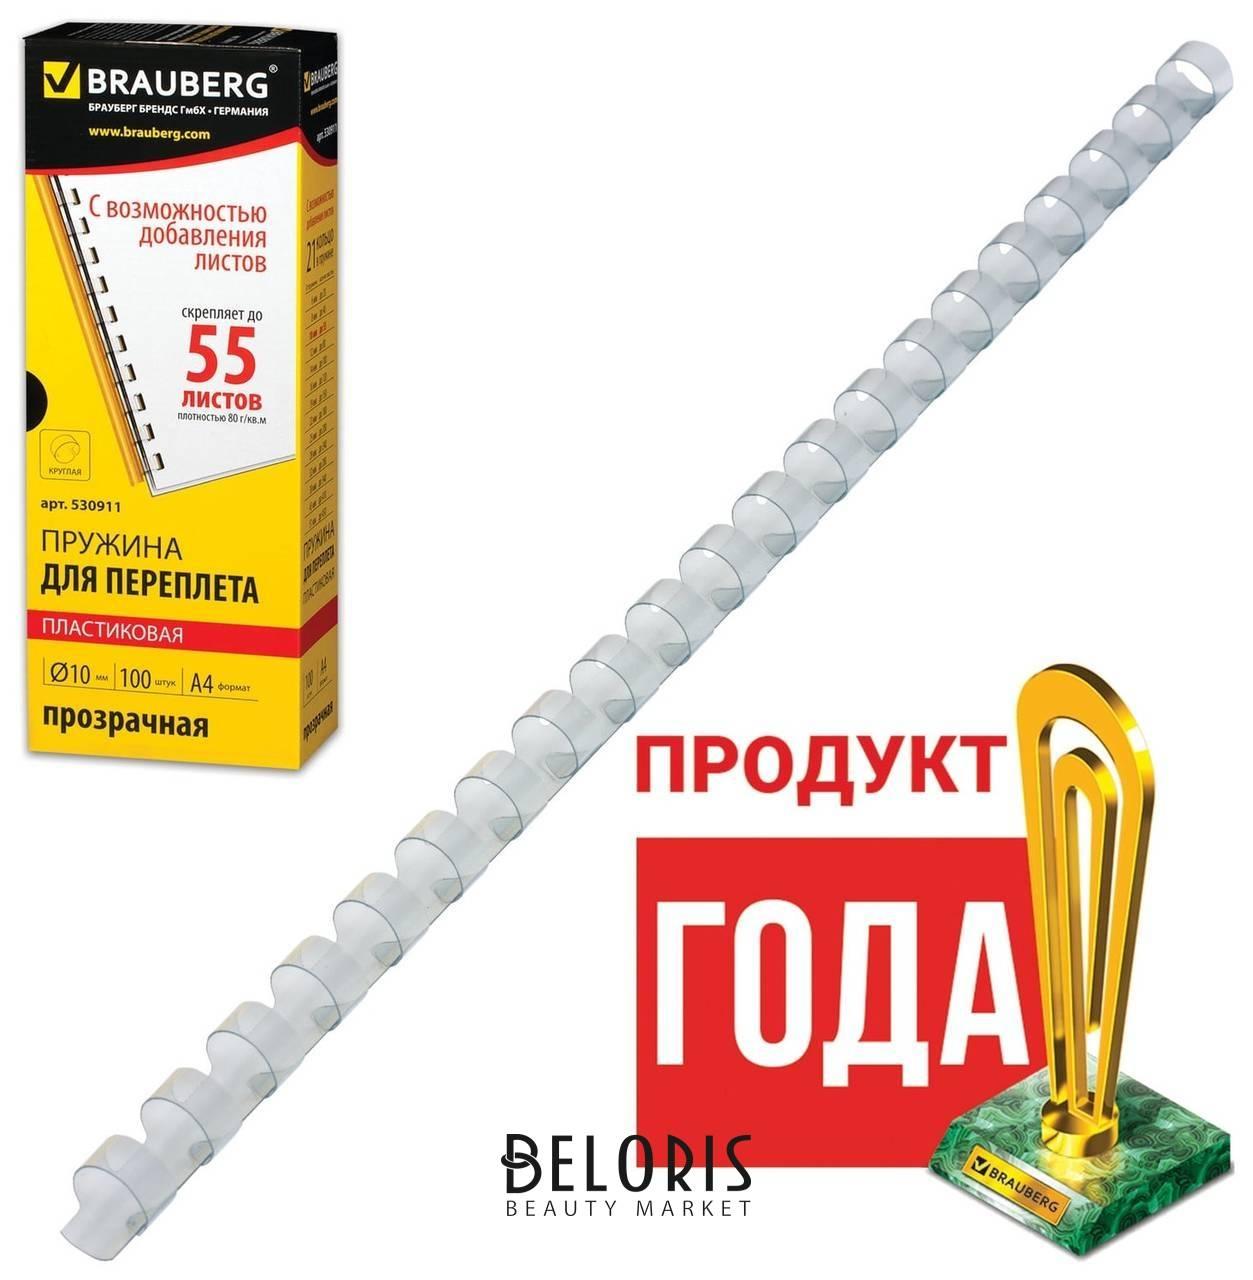 Пружины пластиковые для переплета, комплект 100 шт., 10 мм (для сшивания 41-55 листов), прозрачные, Brauberg Brauberg